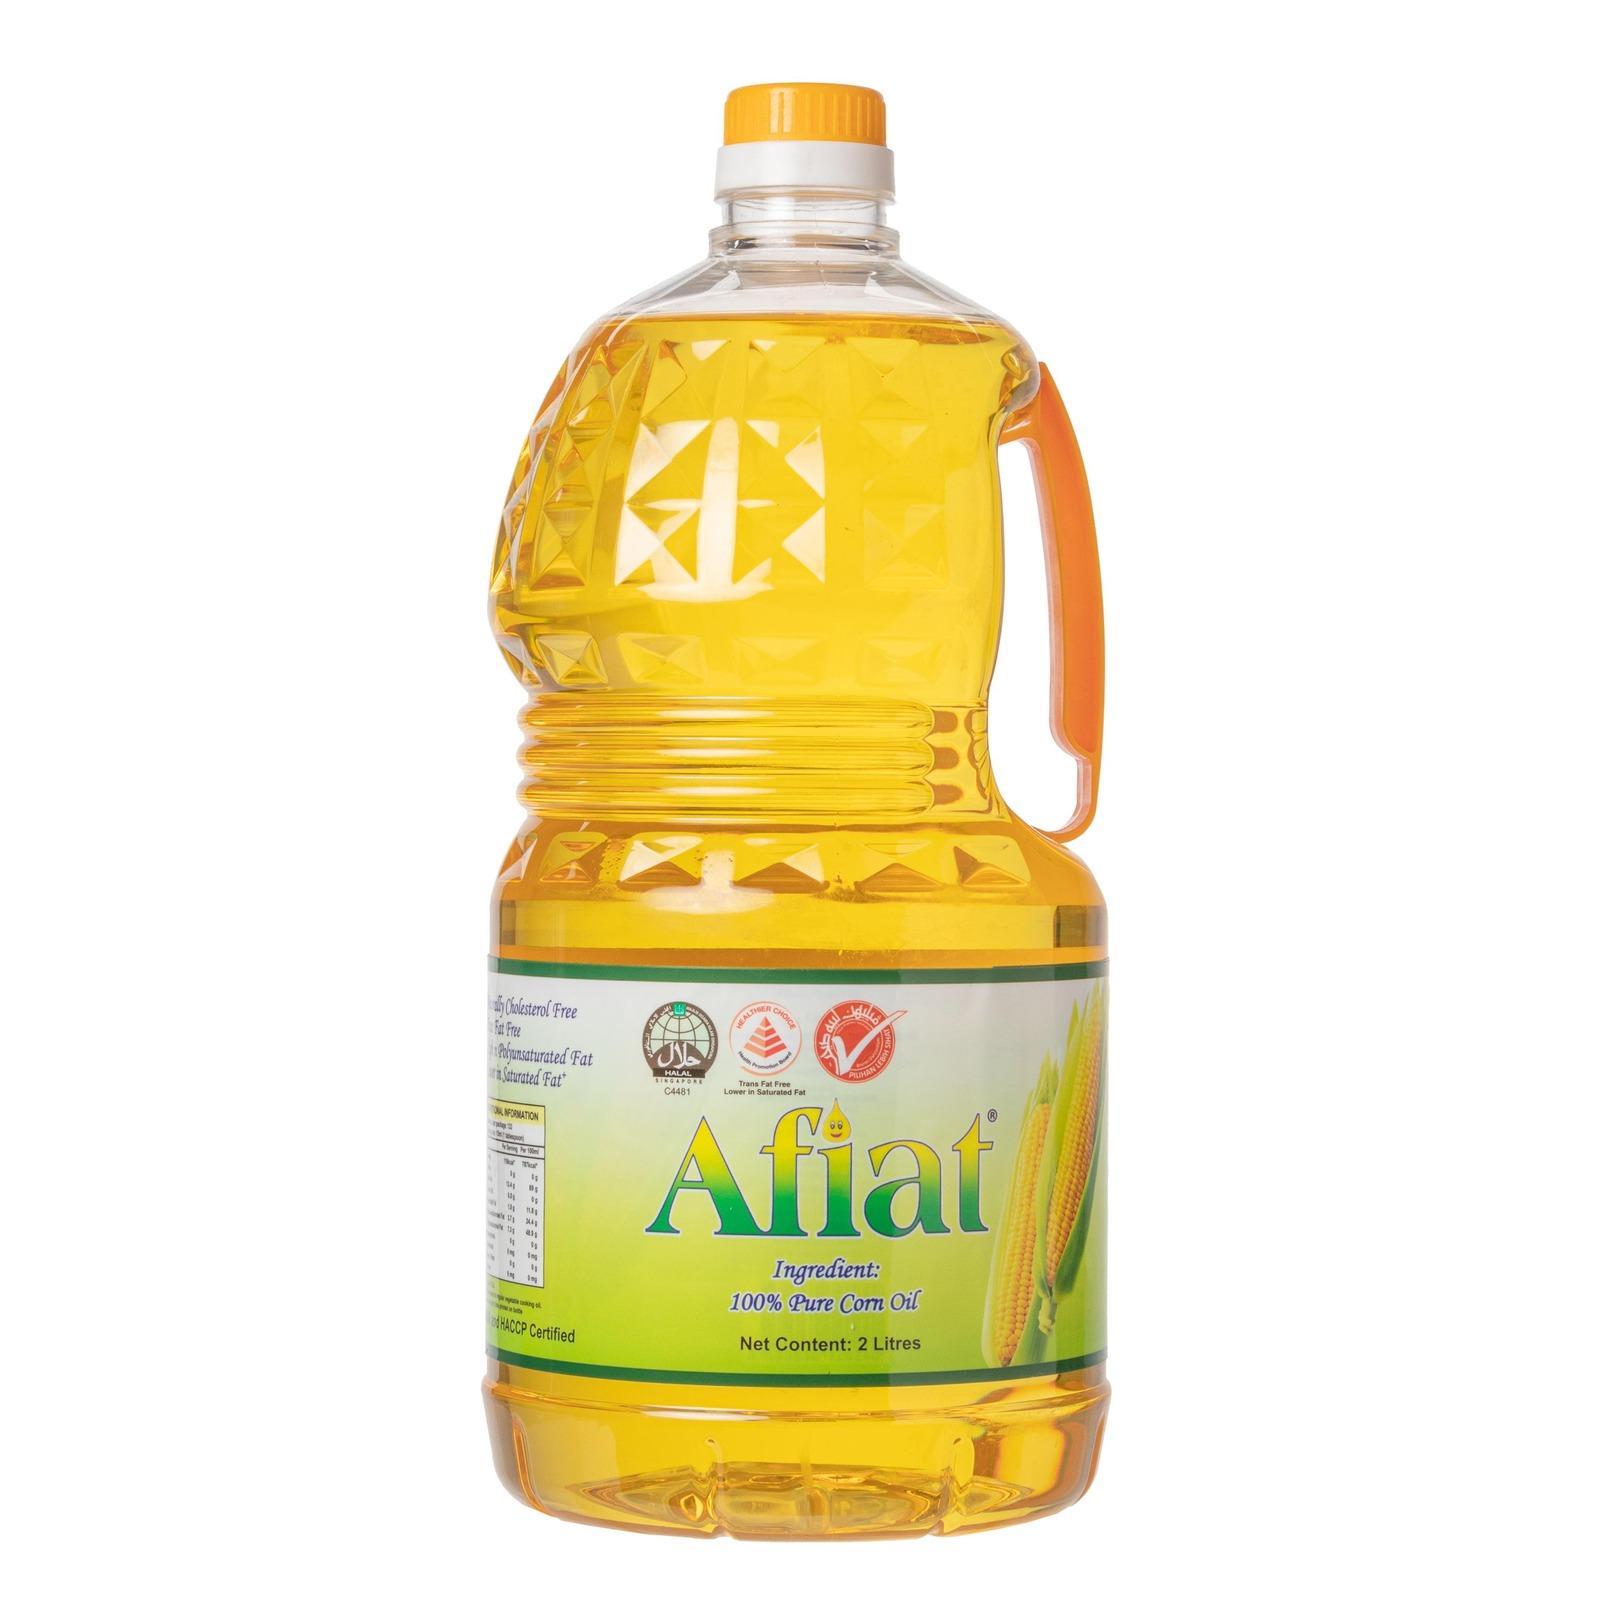 Afiat Premium Corn Oil